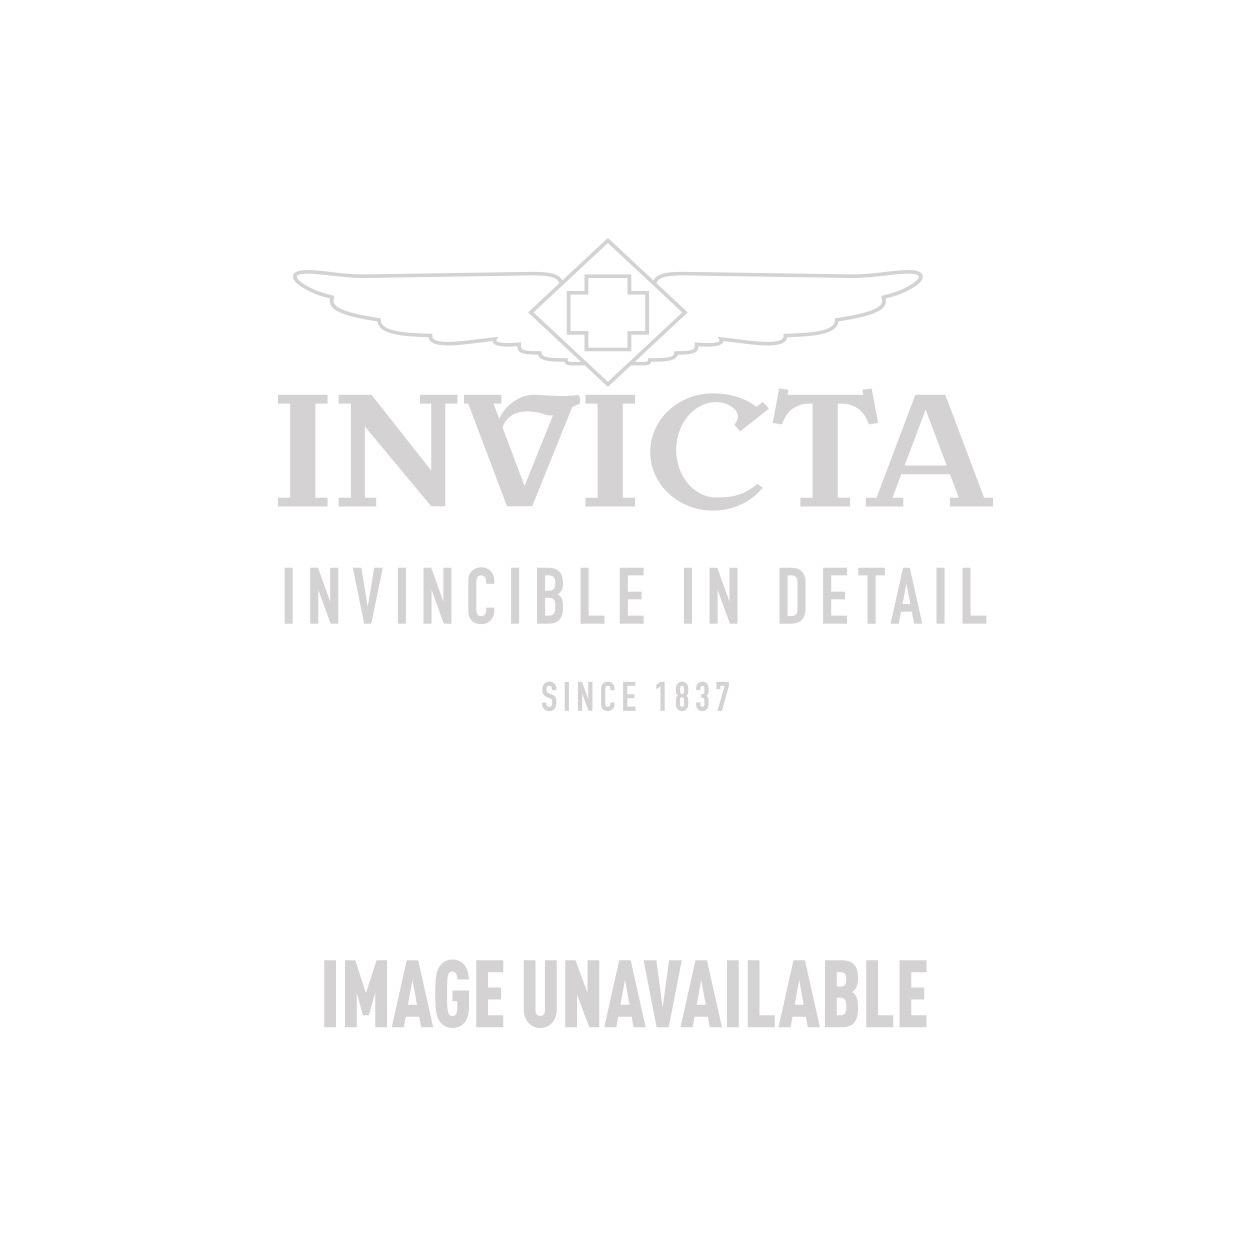 Invicta Model 28037